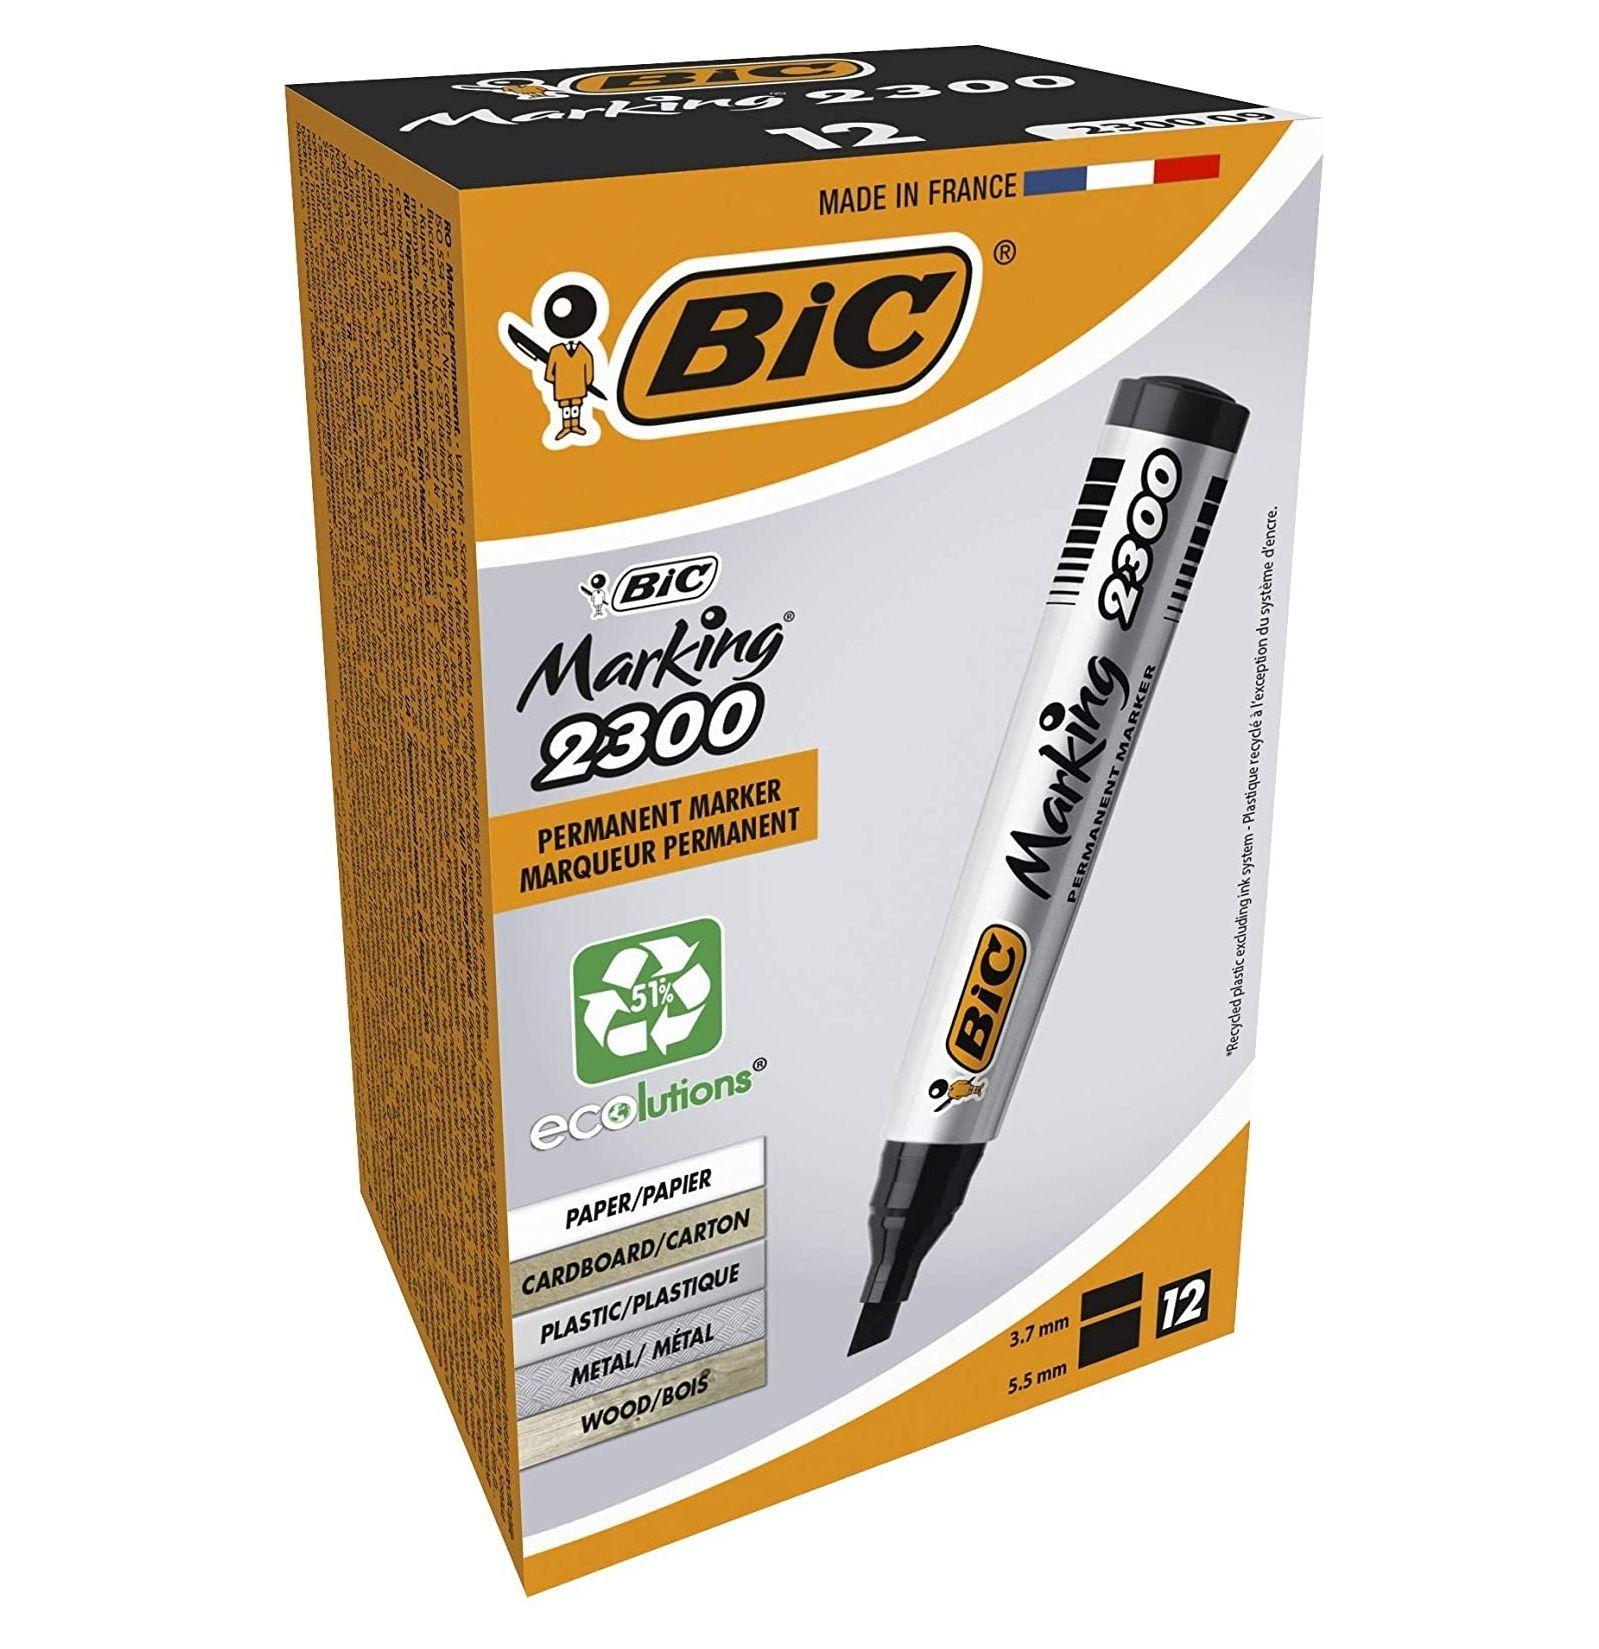 BIC Permanent Markers - Black, Box of 12 - £6.29 prime / £10.78 non Prime at Amazon